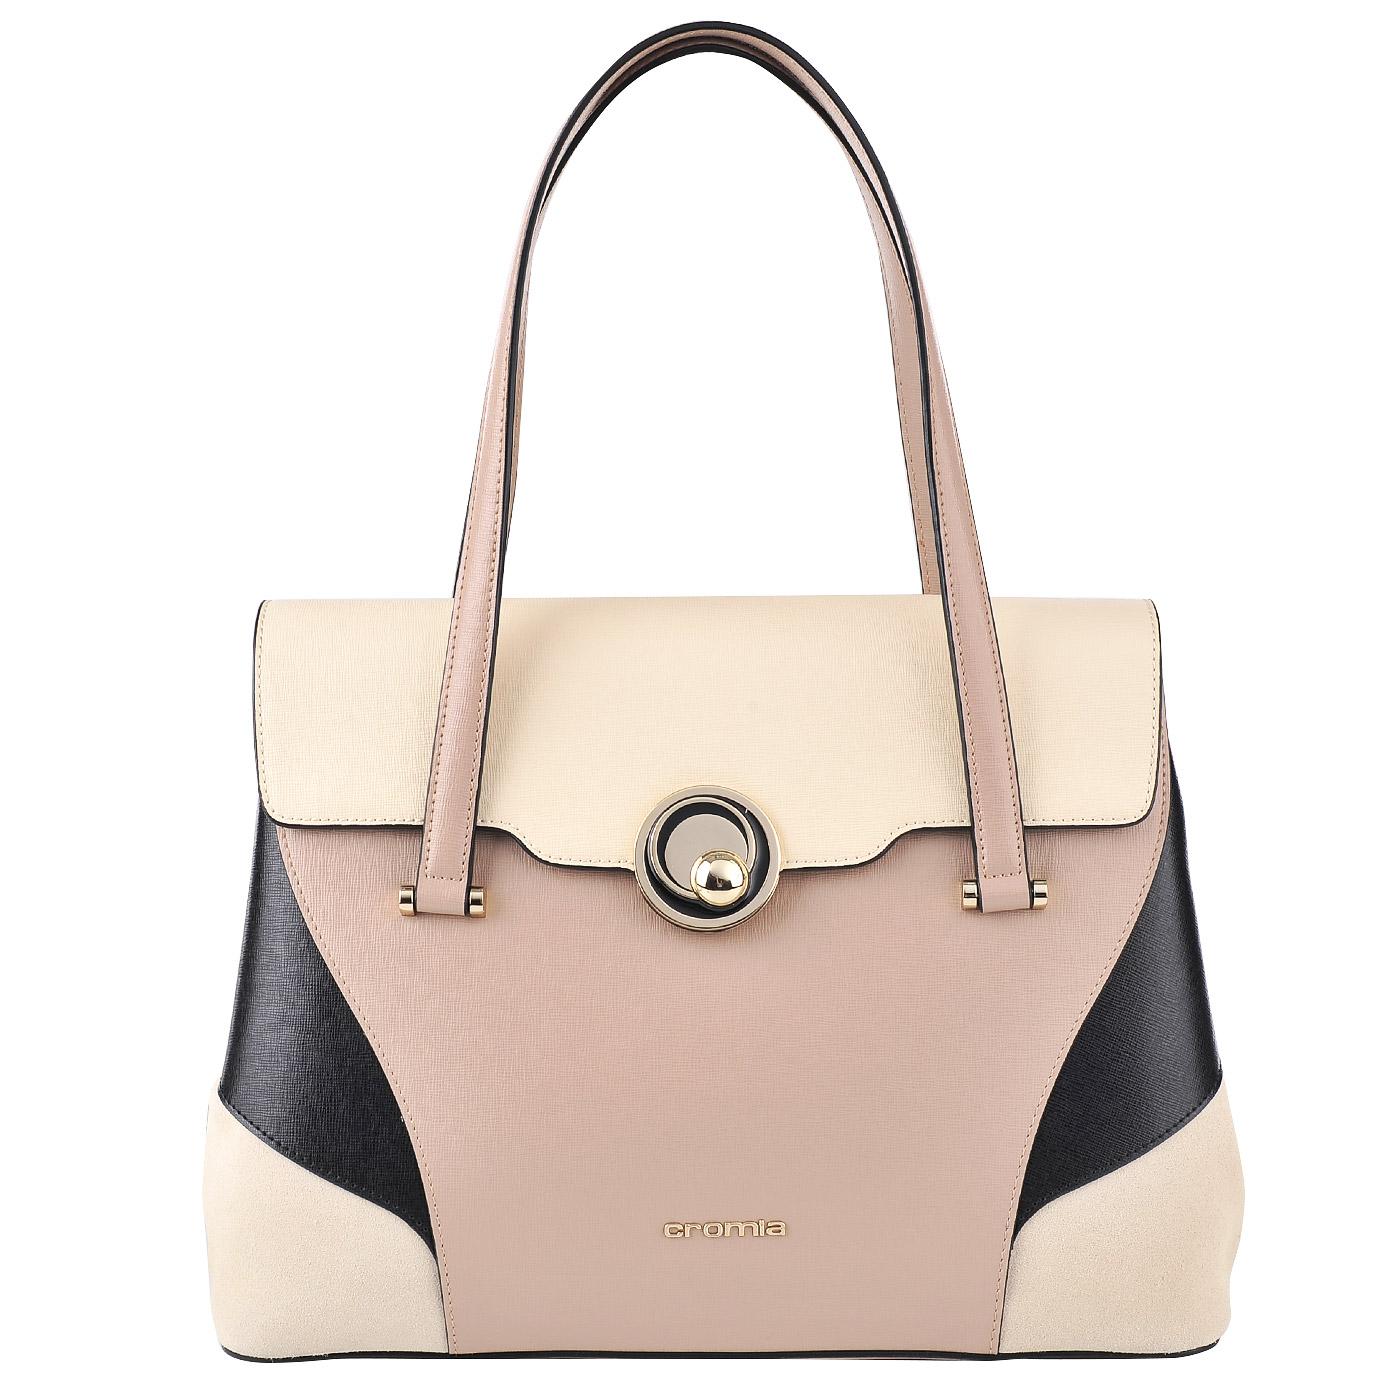 a34211f9e94b Женская кожаная сумка Cromia Stella 1403207_sabbia/nero/beige ...